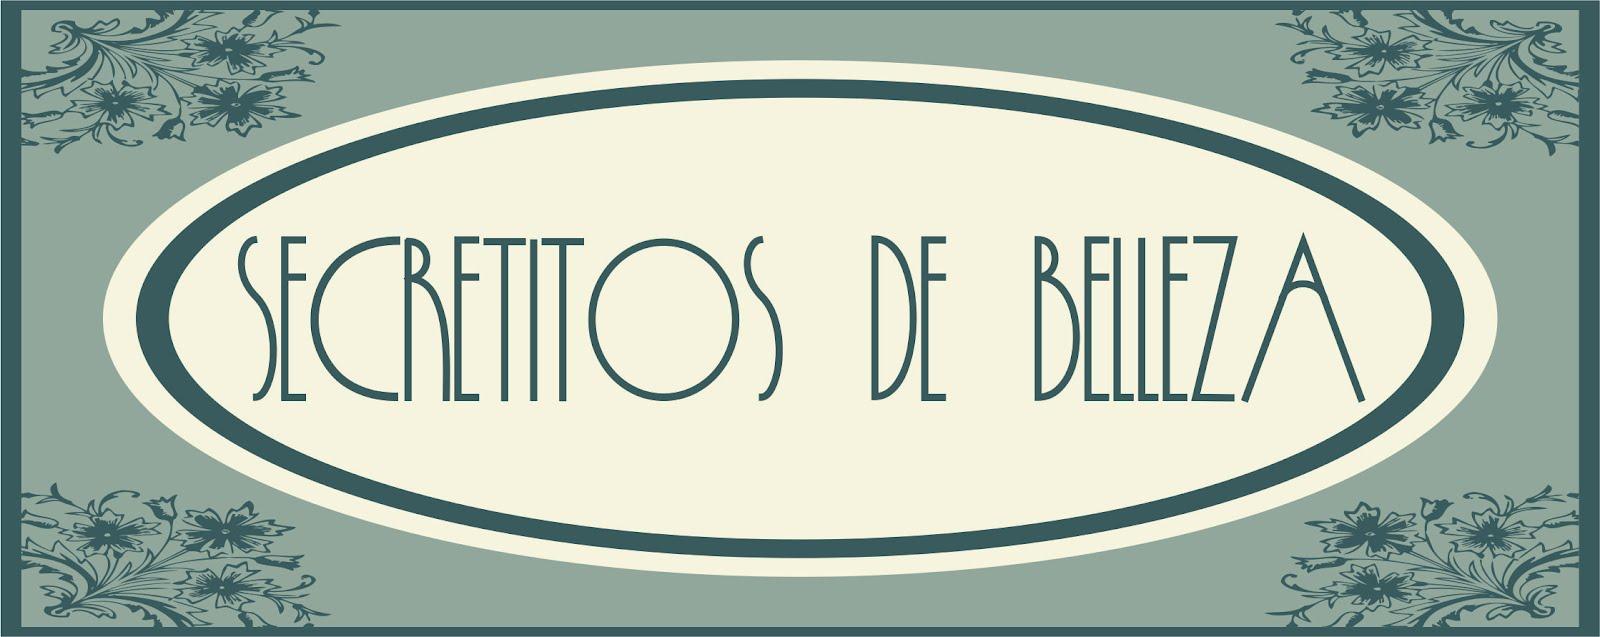 Secretitos de belleza